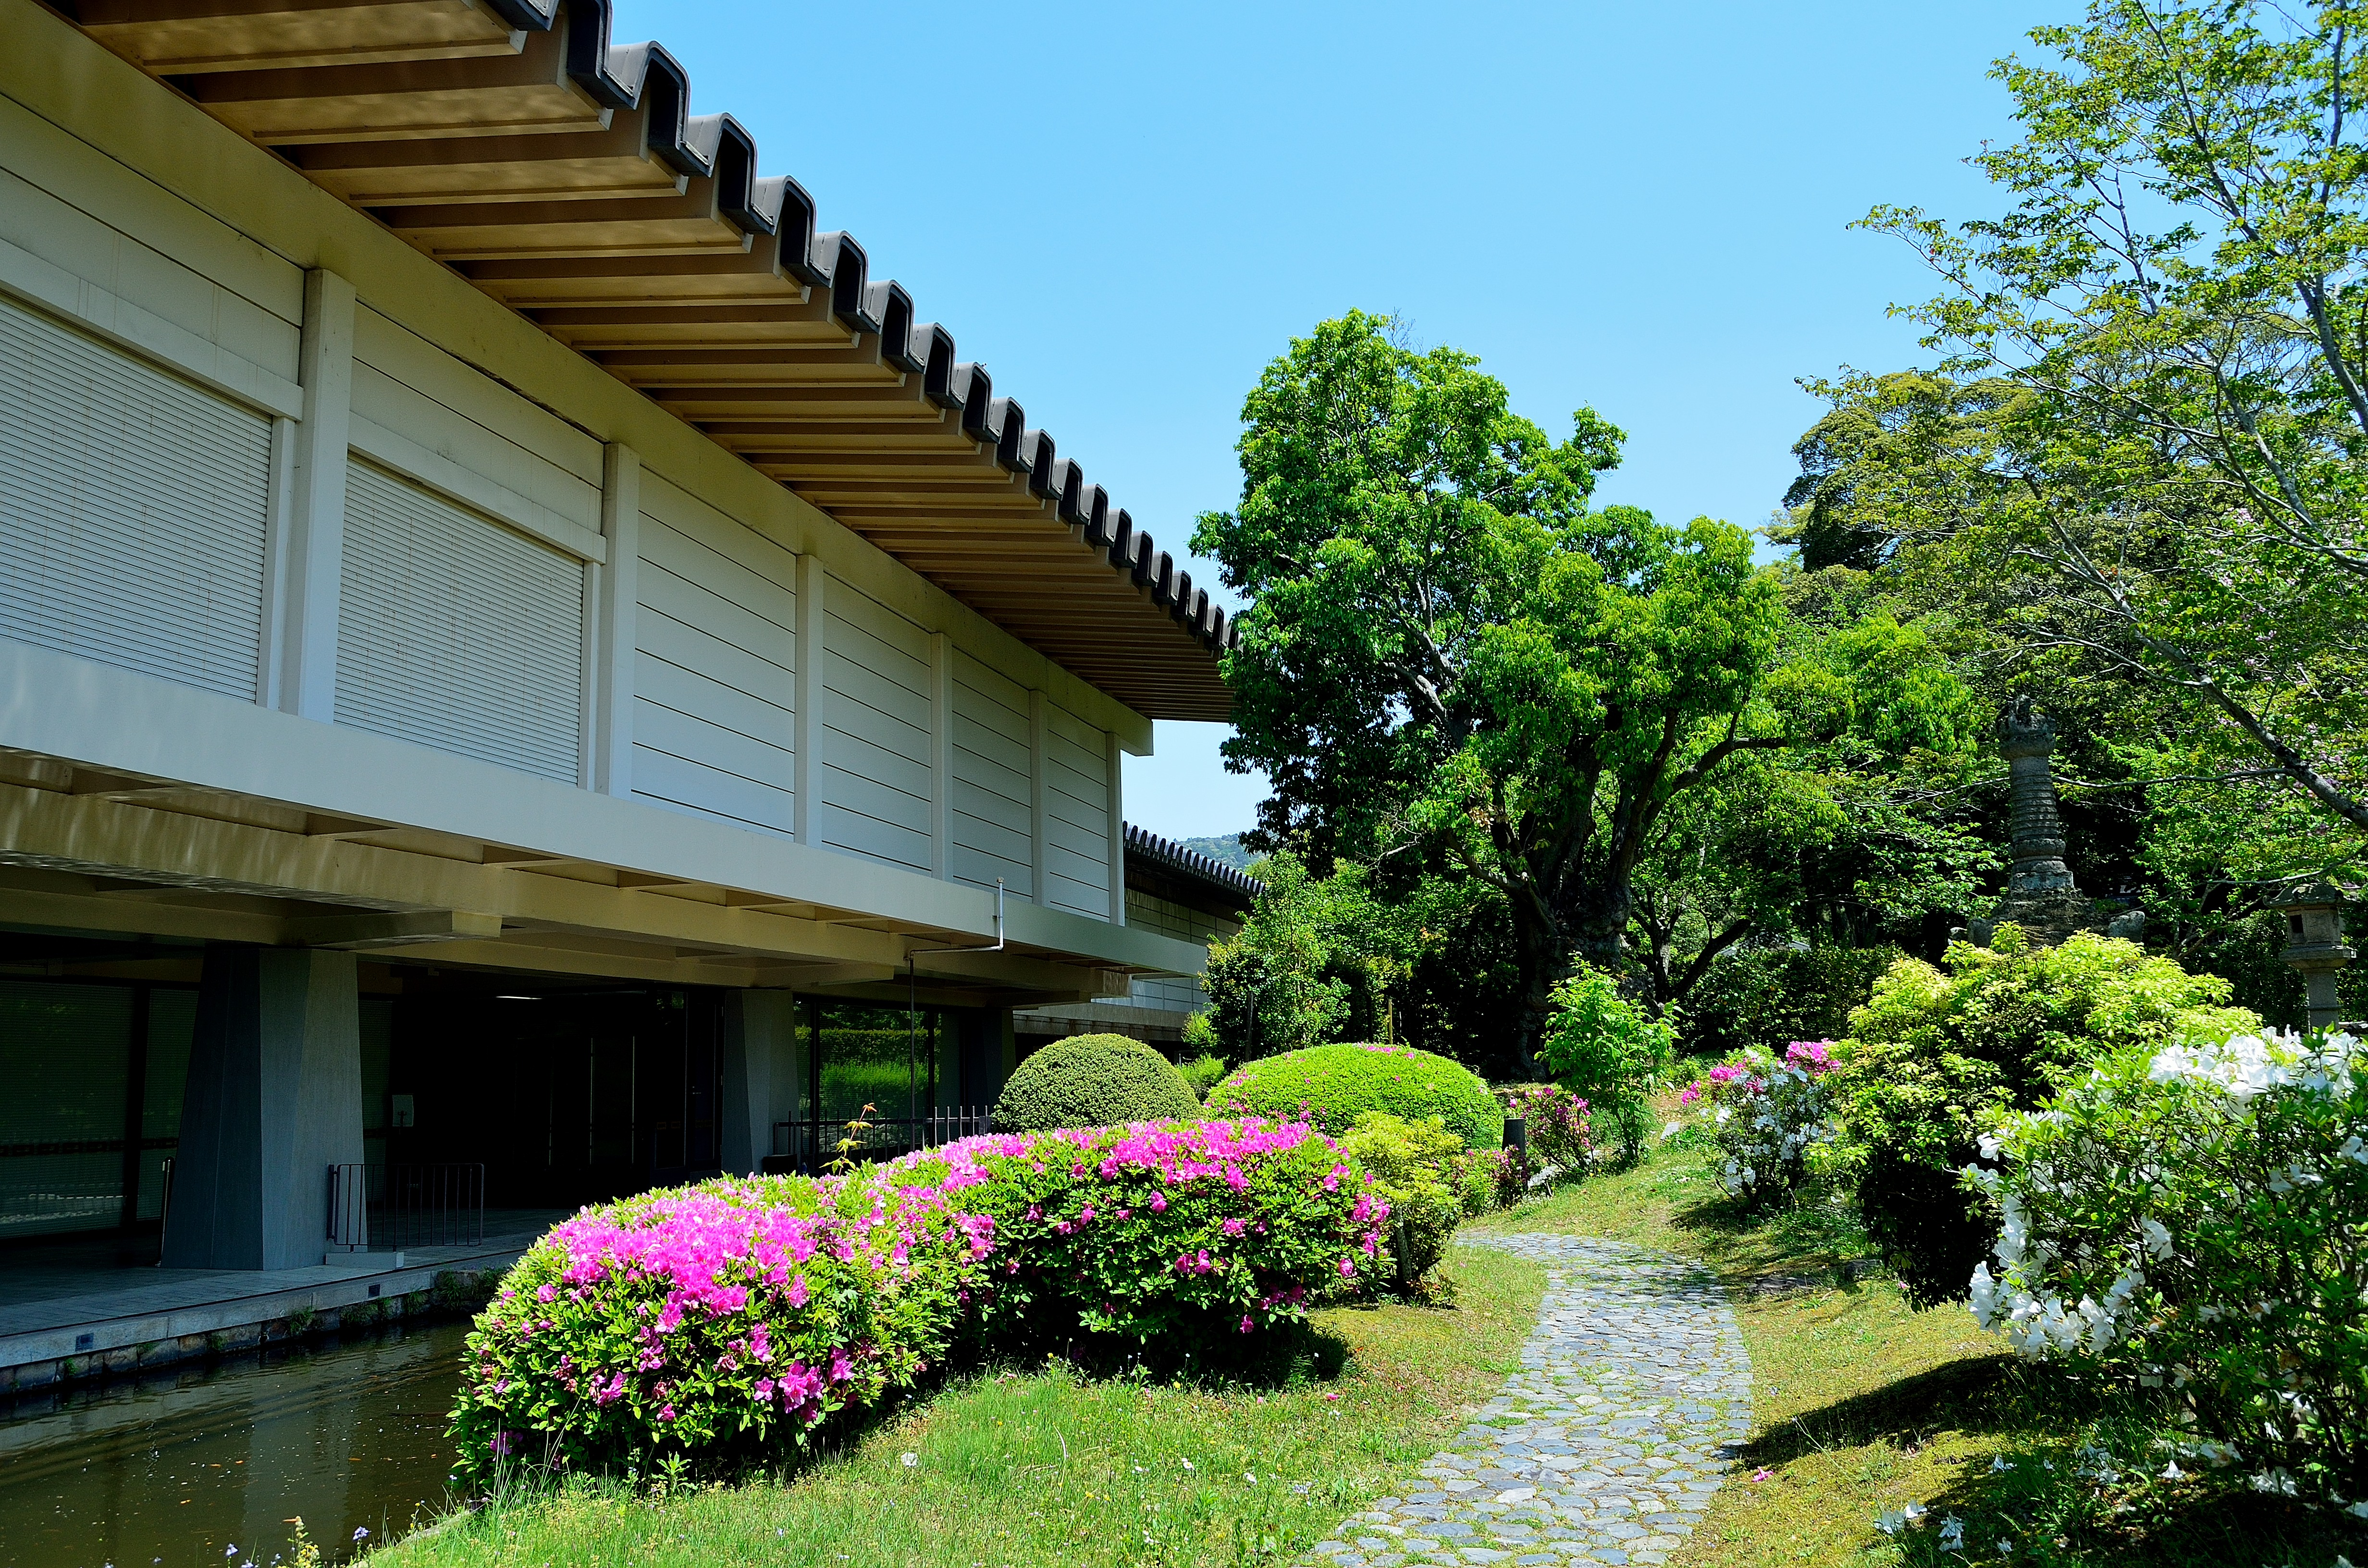 奈良国立博物館 西新館と庭園風景